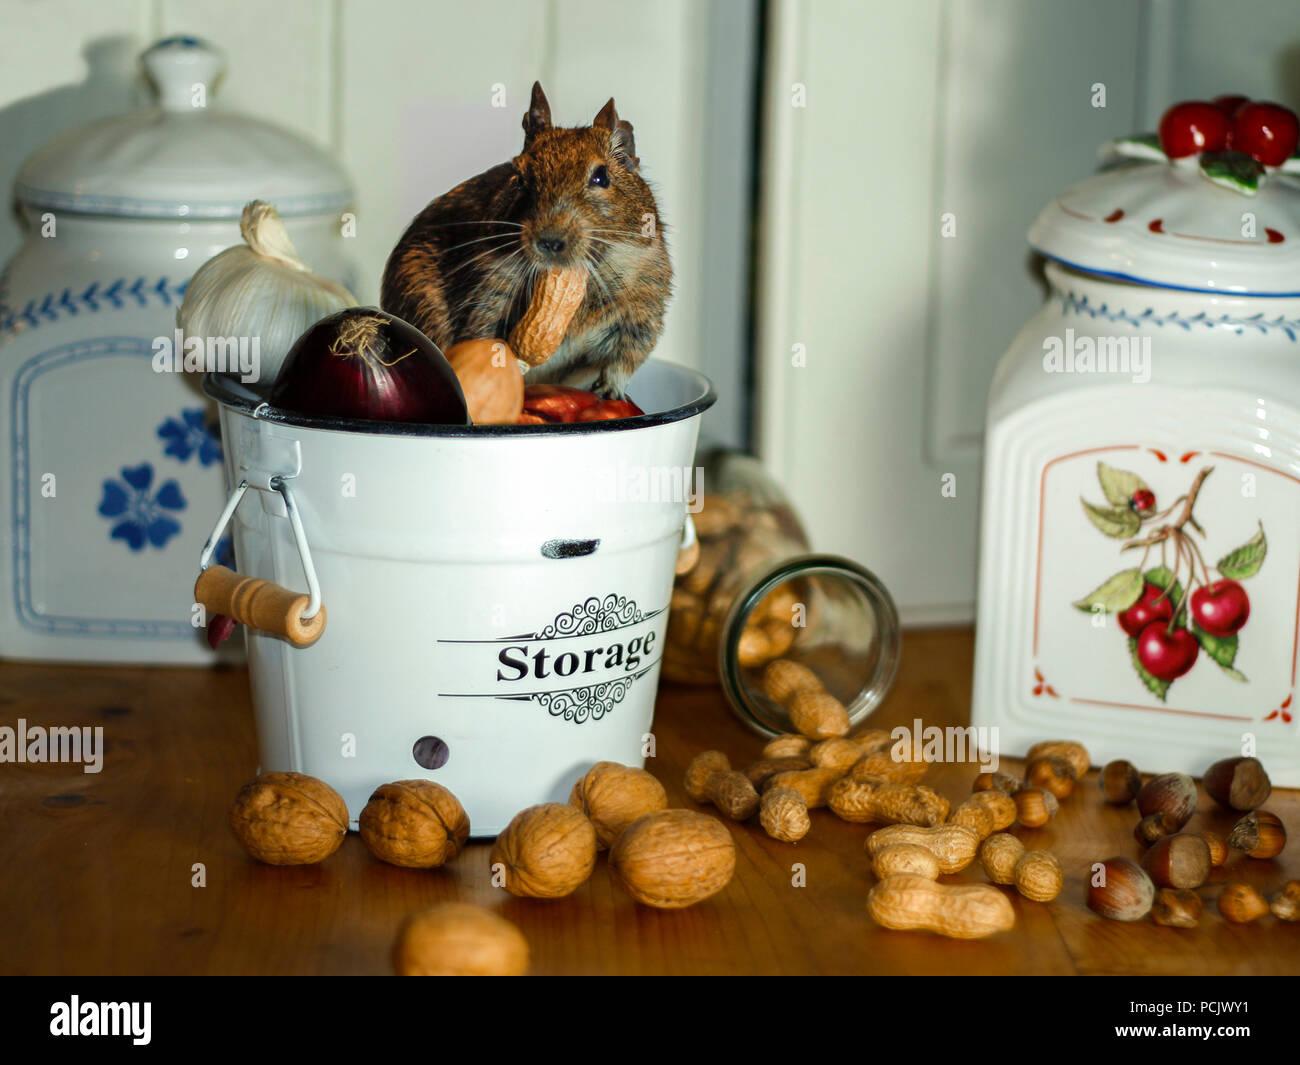 Lagerung Von Lebensmittelschadlingen Stockfotos Lagerung Von